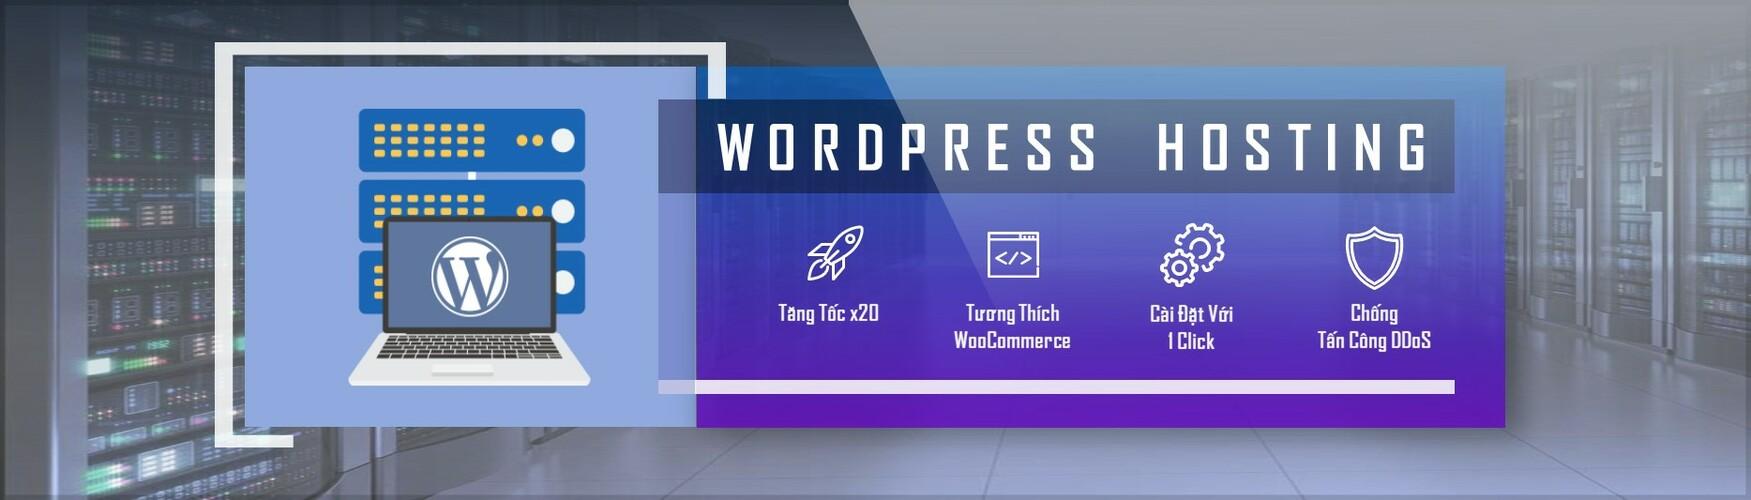 wordpress hosting là gì